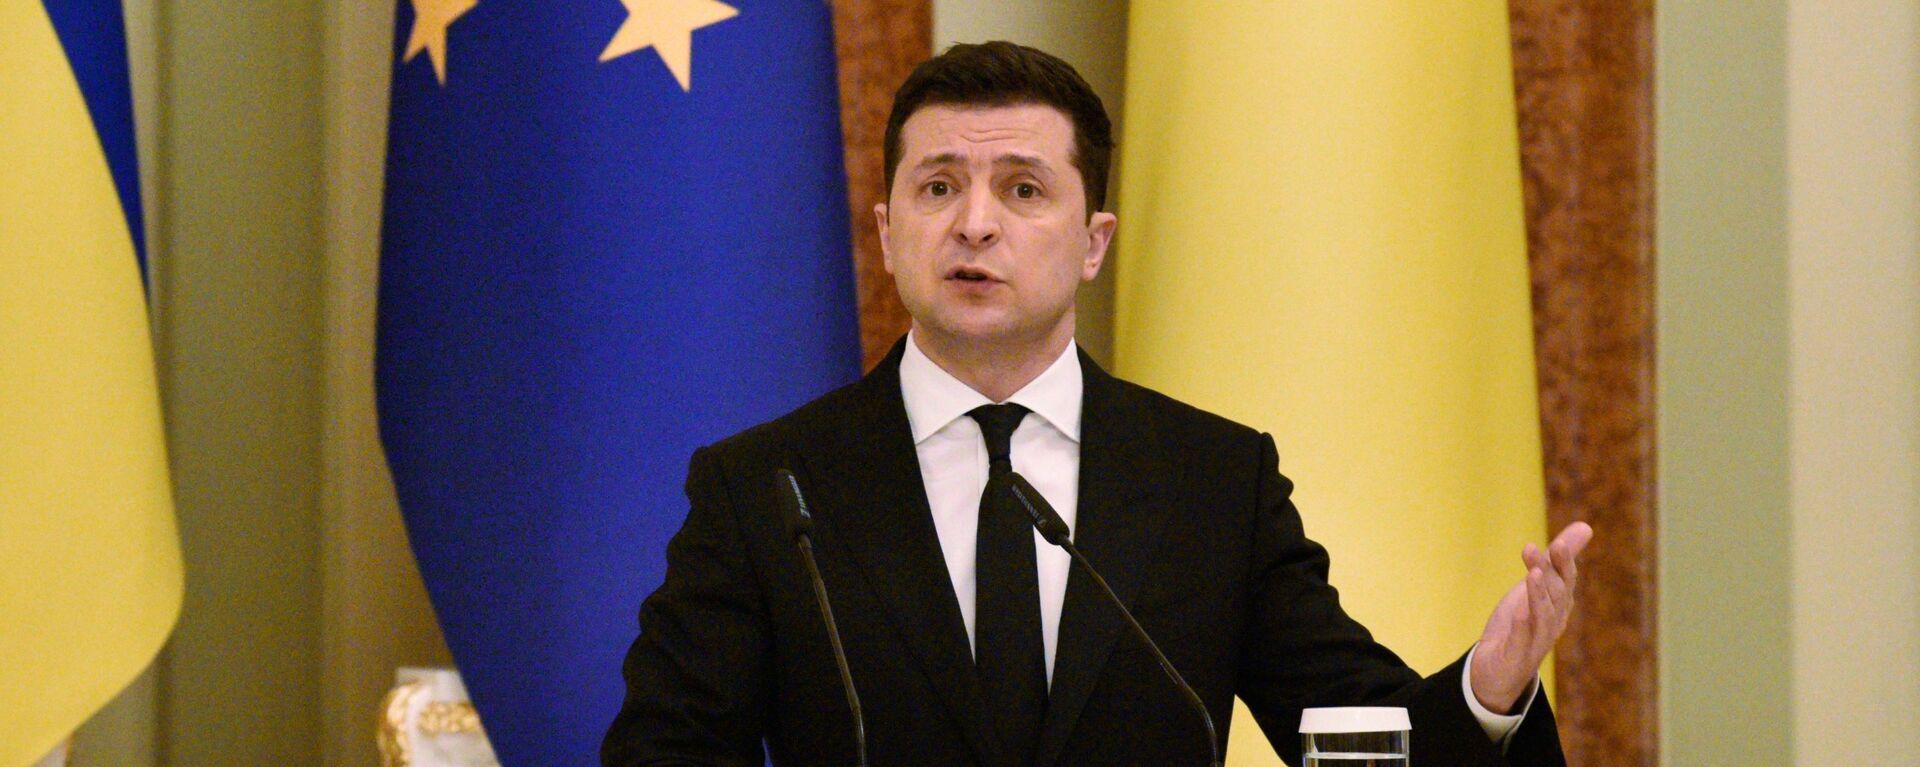 Президент Украины Владимир Зеленский - Sputnik Латвия, 1920, 03.05.2021